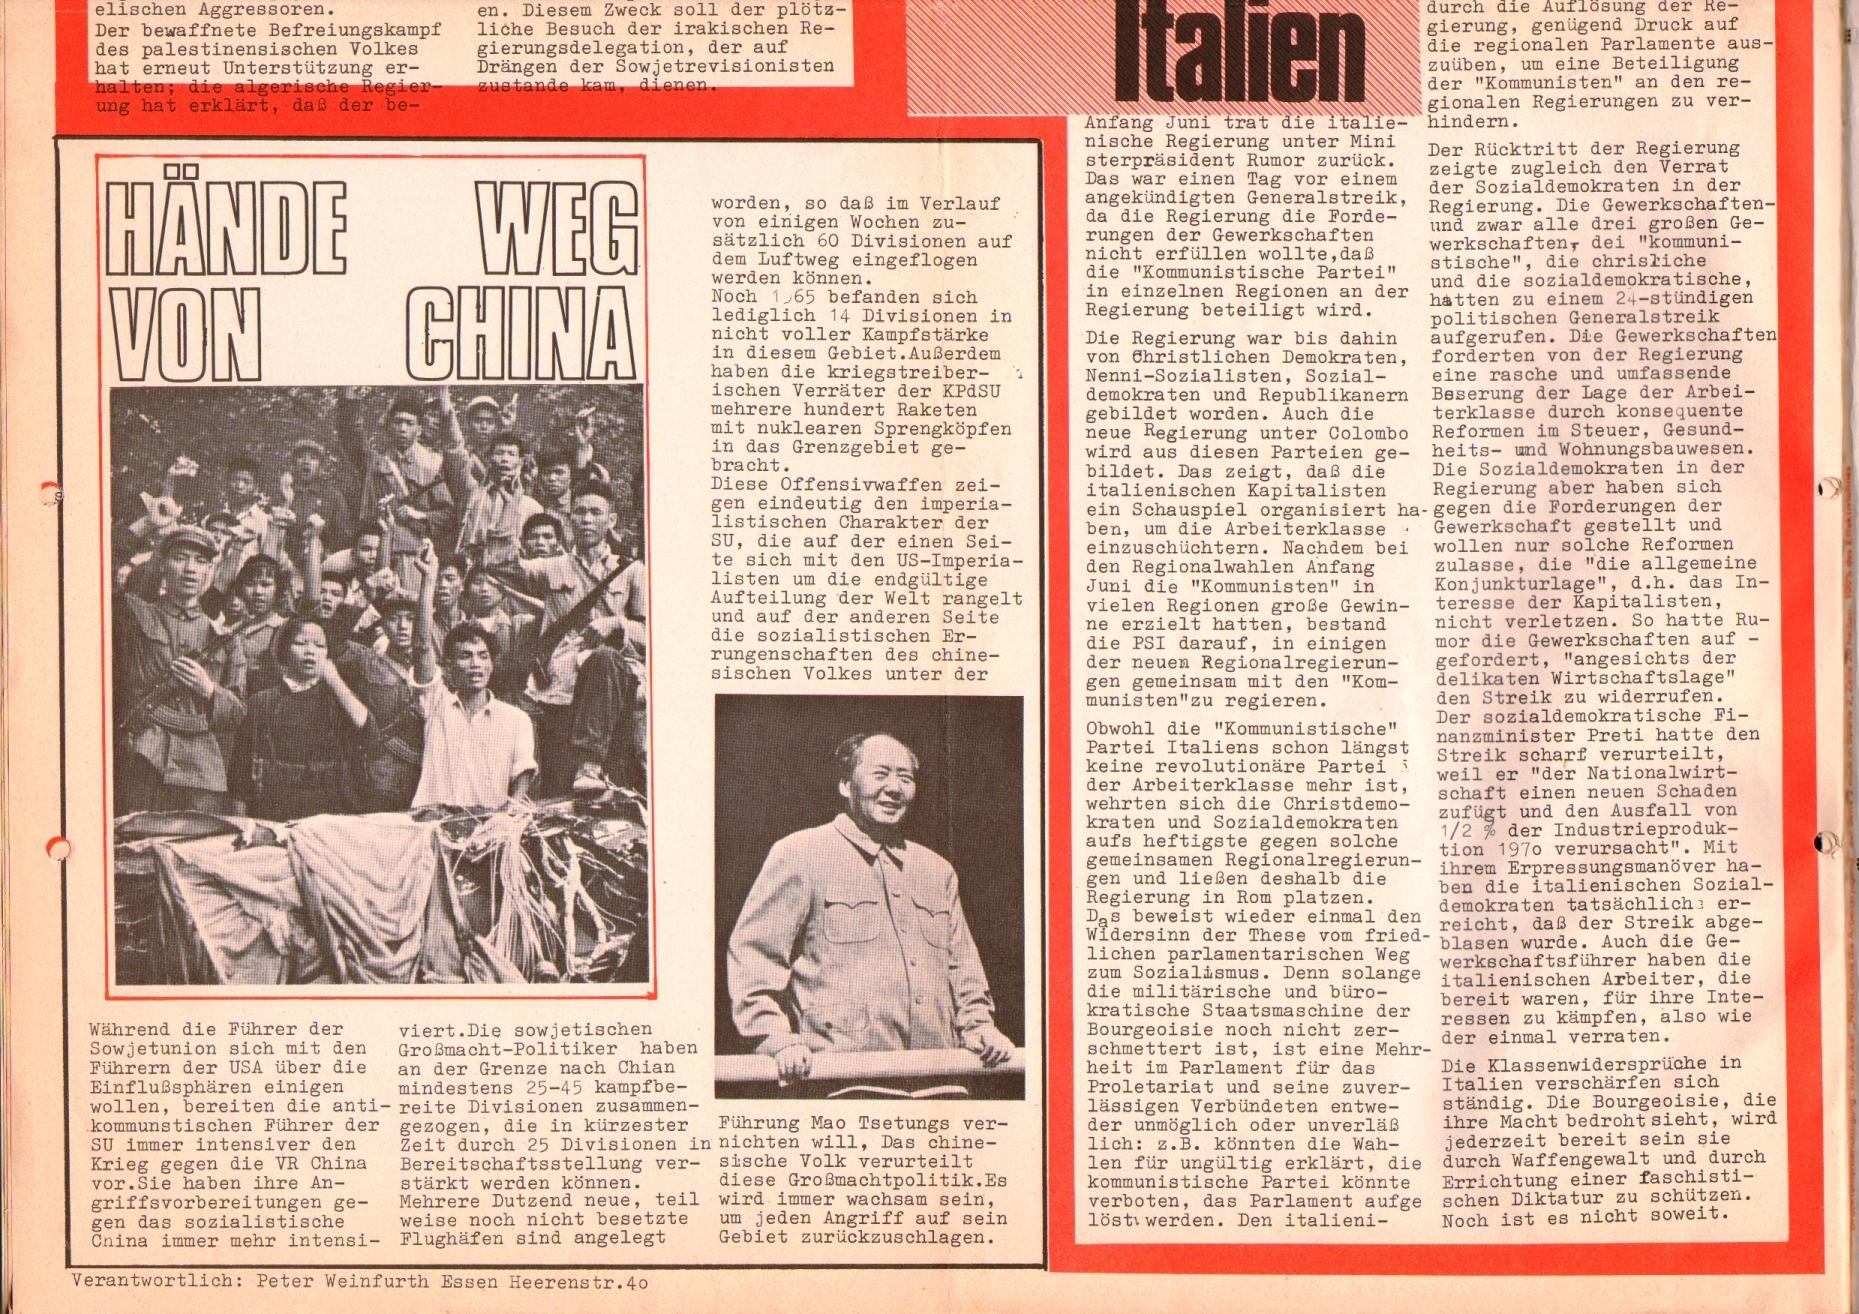 Rote Fahne, 1. Jg., 26. August 1970, Seite 6 unten